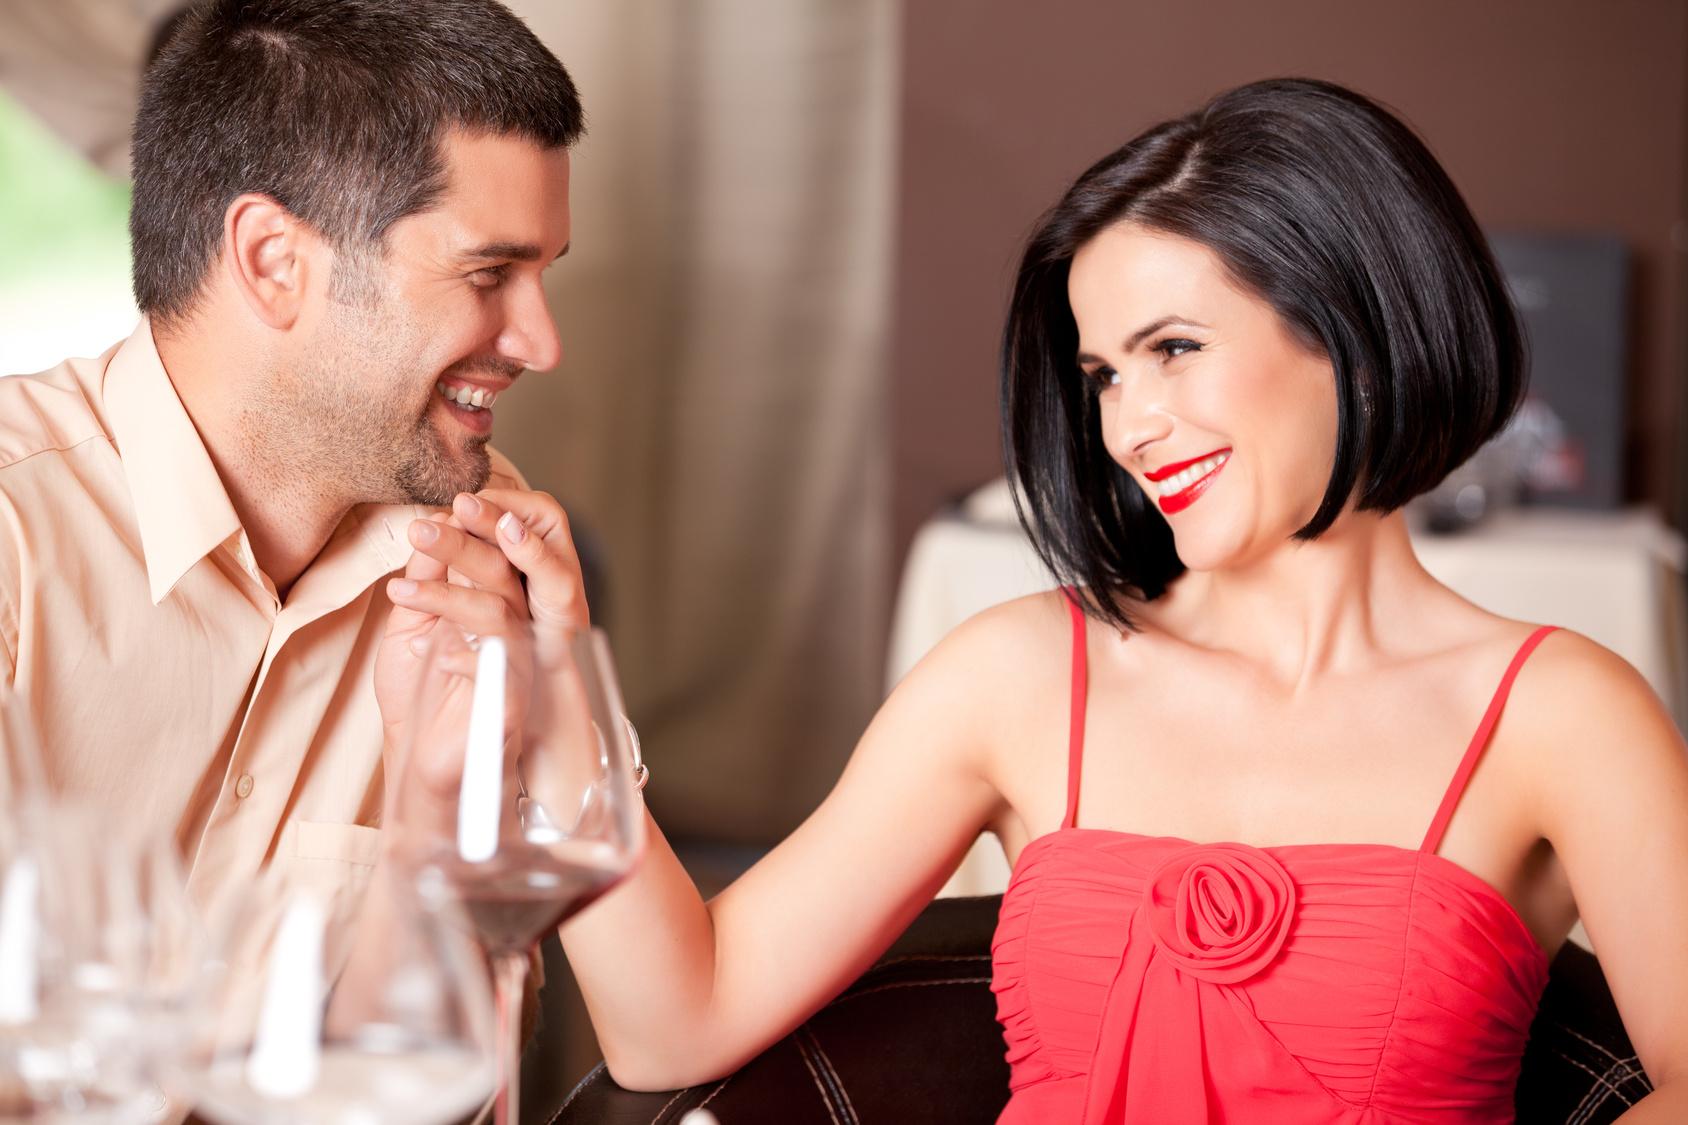 У каждой женщины должны быть свои секреты соблазнения, тогда она сможет удержать около себя любимого мужчину